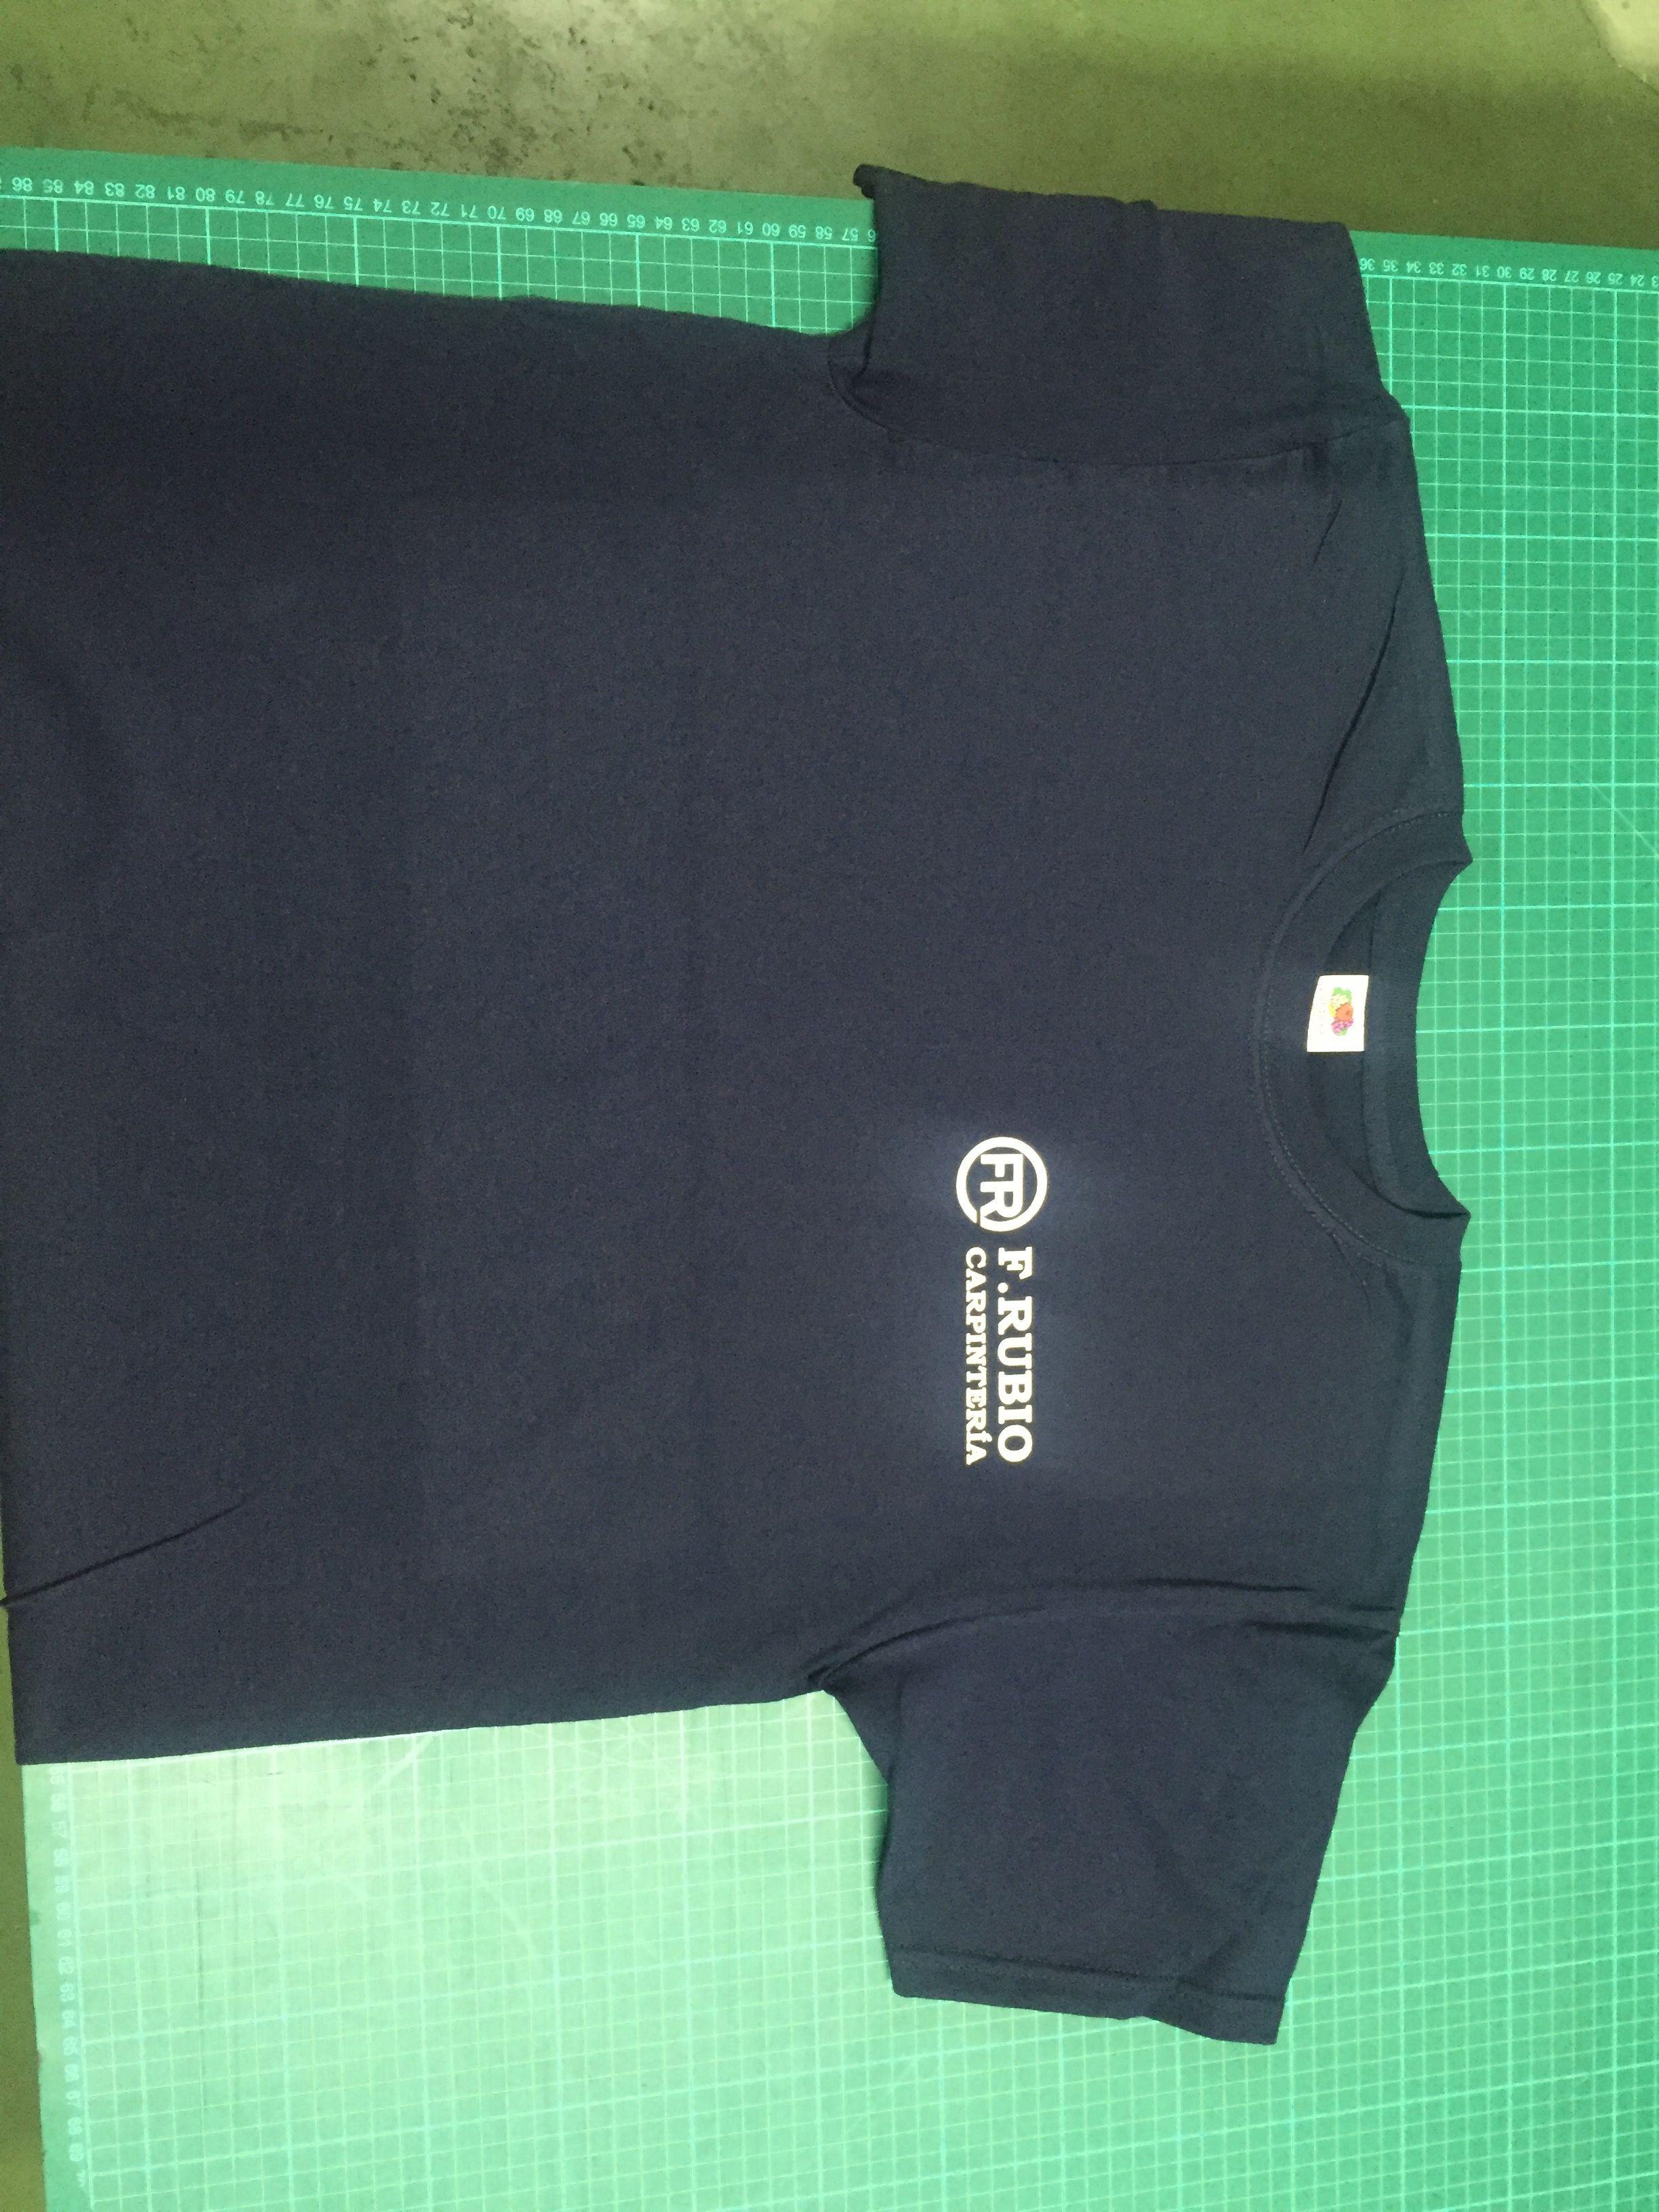 personalización de camiseta para carpintería, vinilo de corte sobre camiseta de algodón